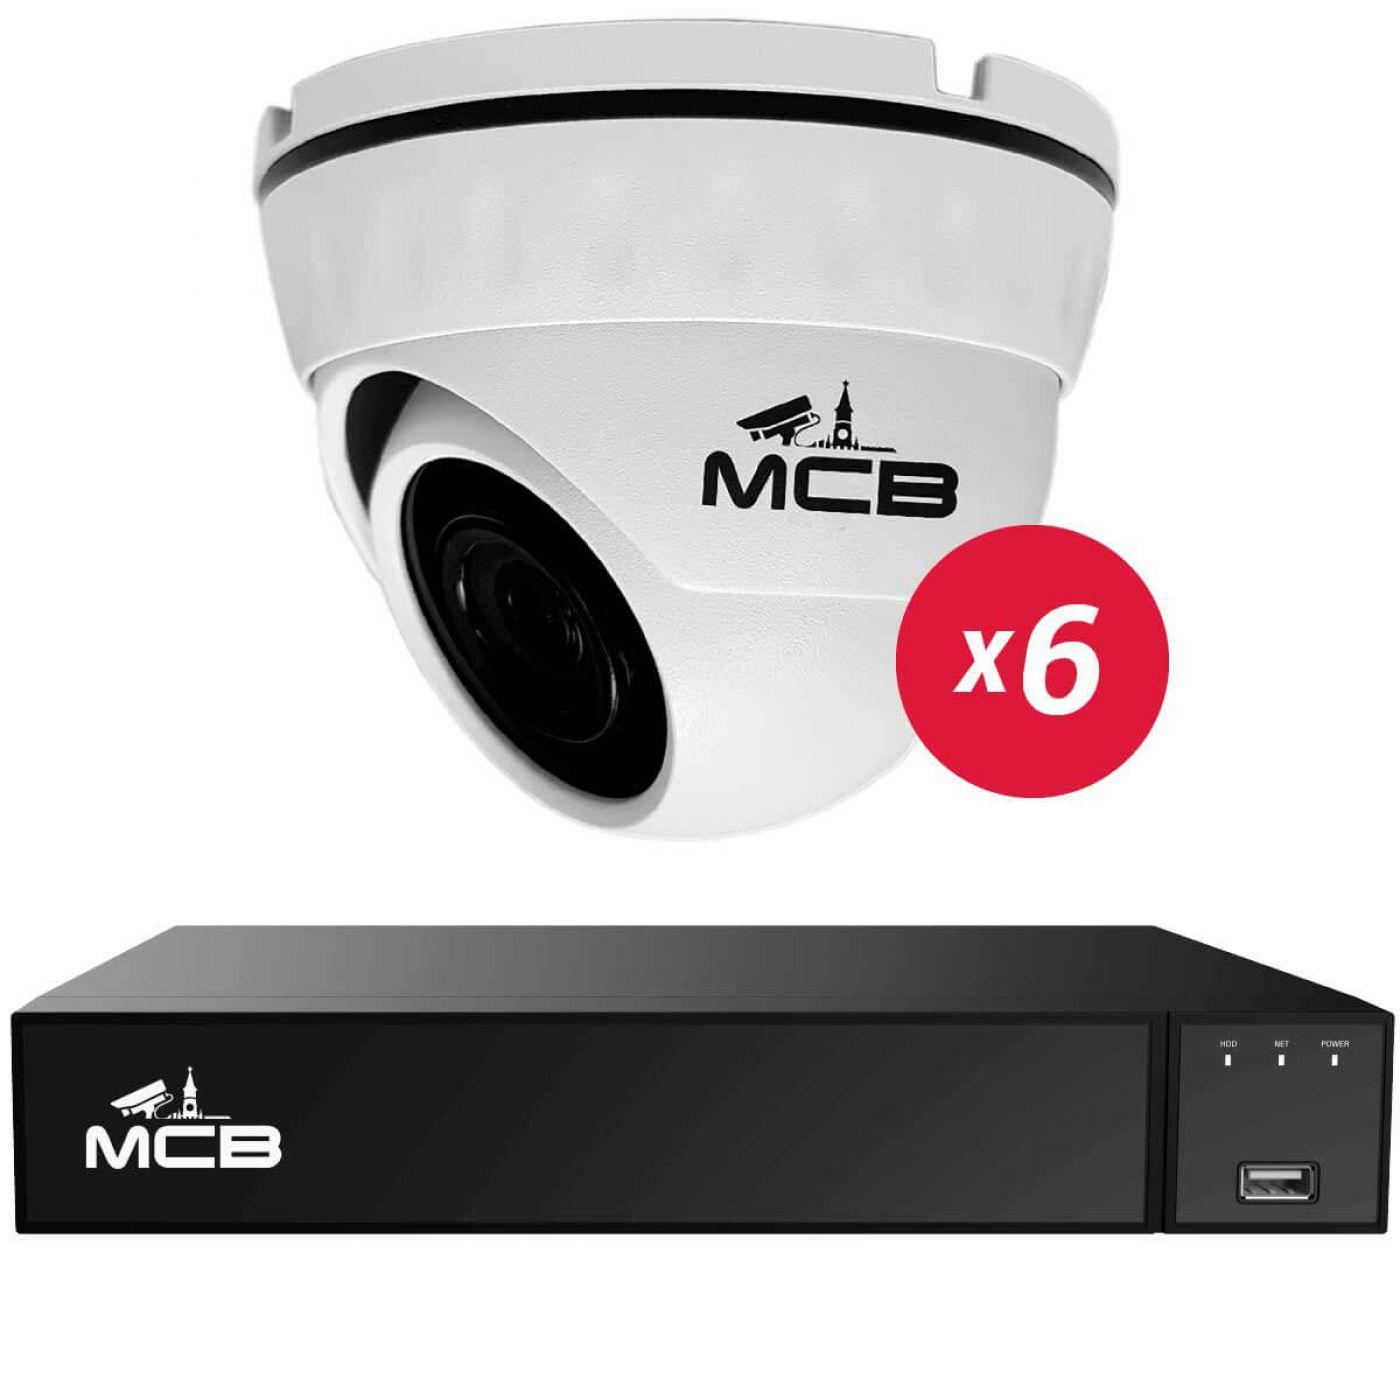 Комплект видеонаблюдения для помещения на 6 камер 2 Мегапикселя 1080P